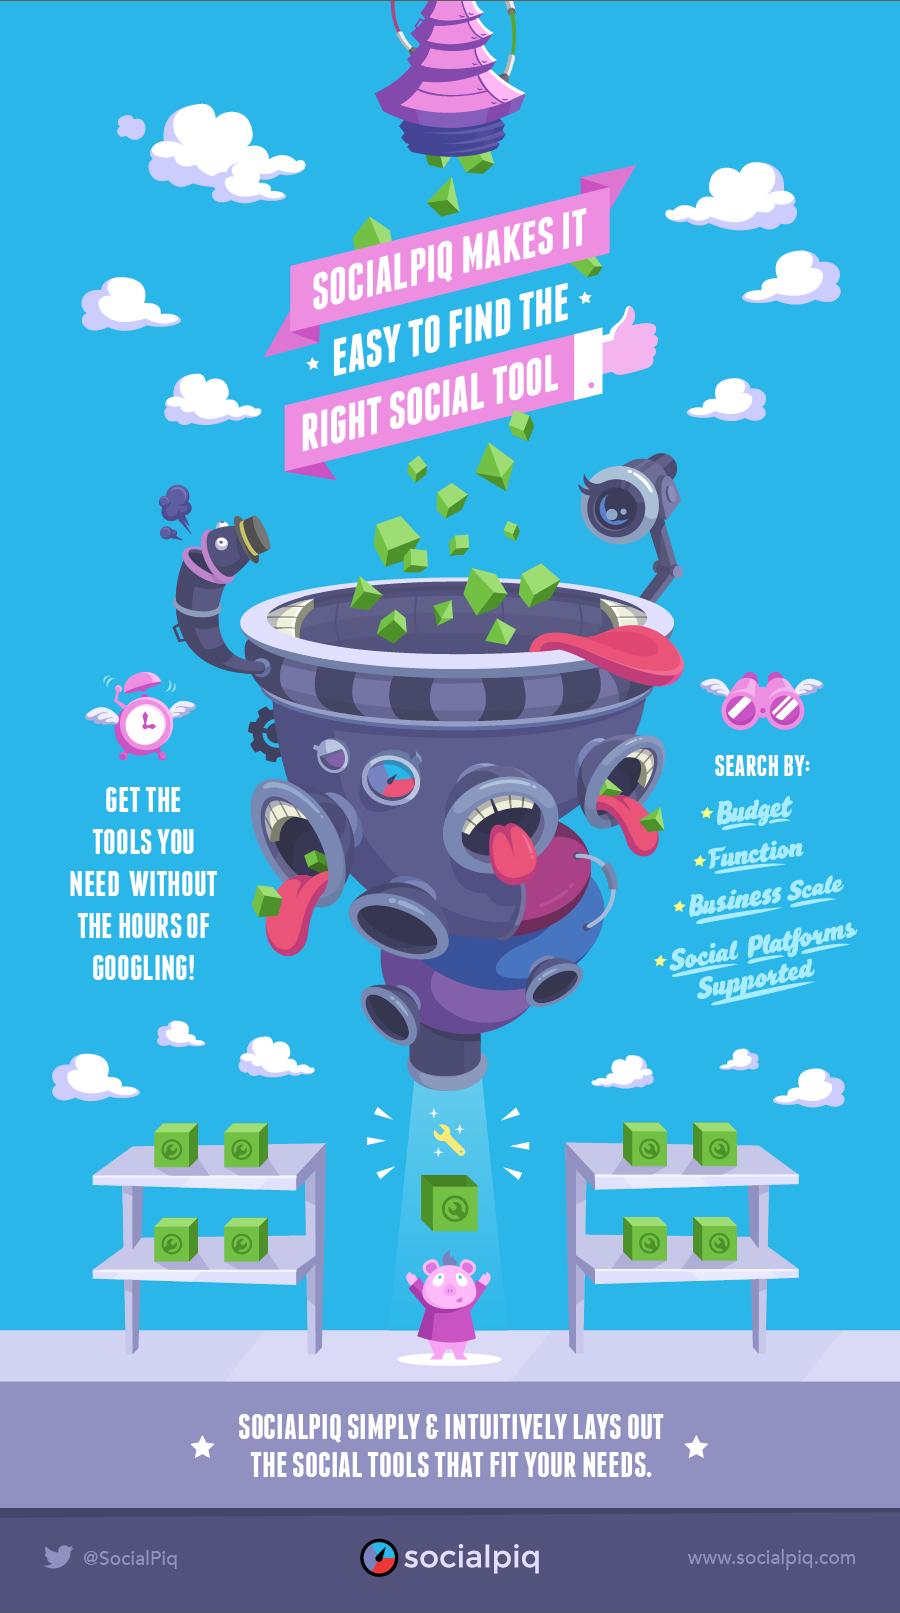 SocialPiq Infographic - Social Media Tools